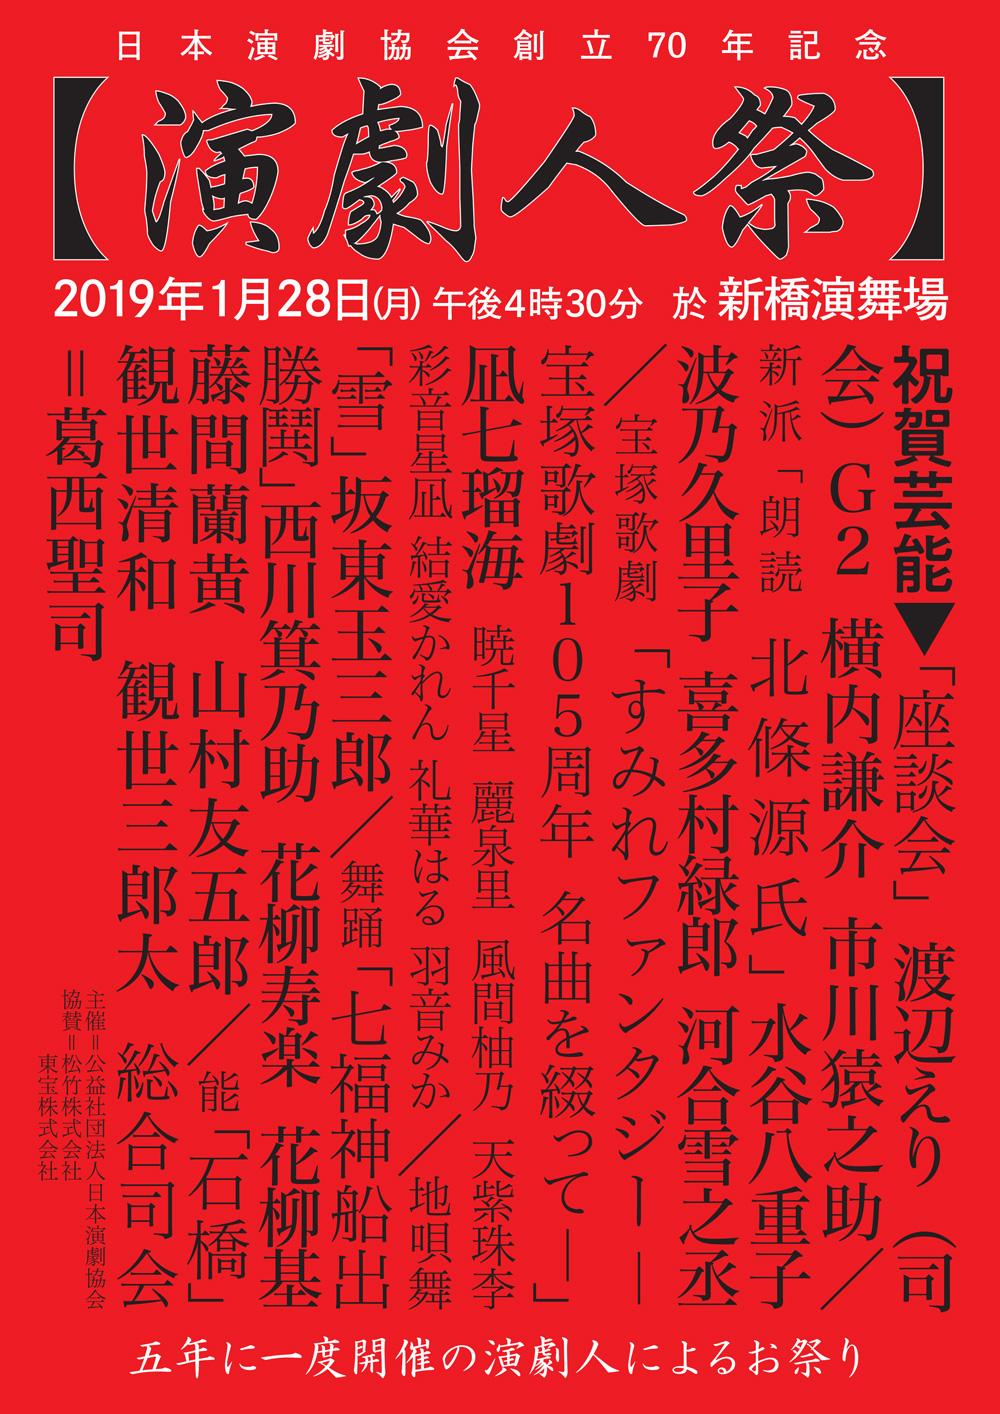 玉三郎、猿之助出演「演劇人祭」のお知らせ